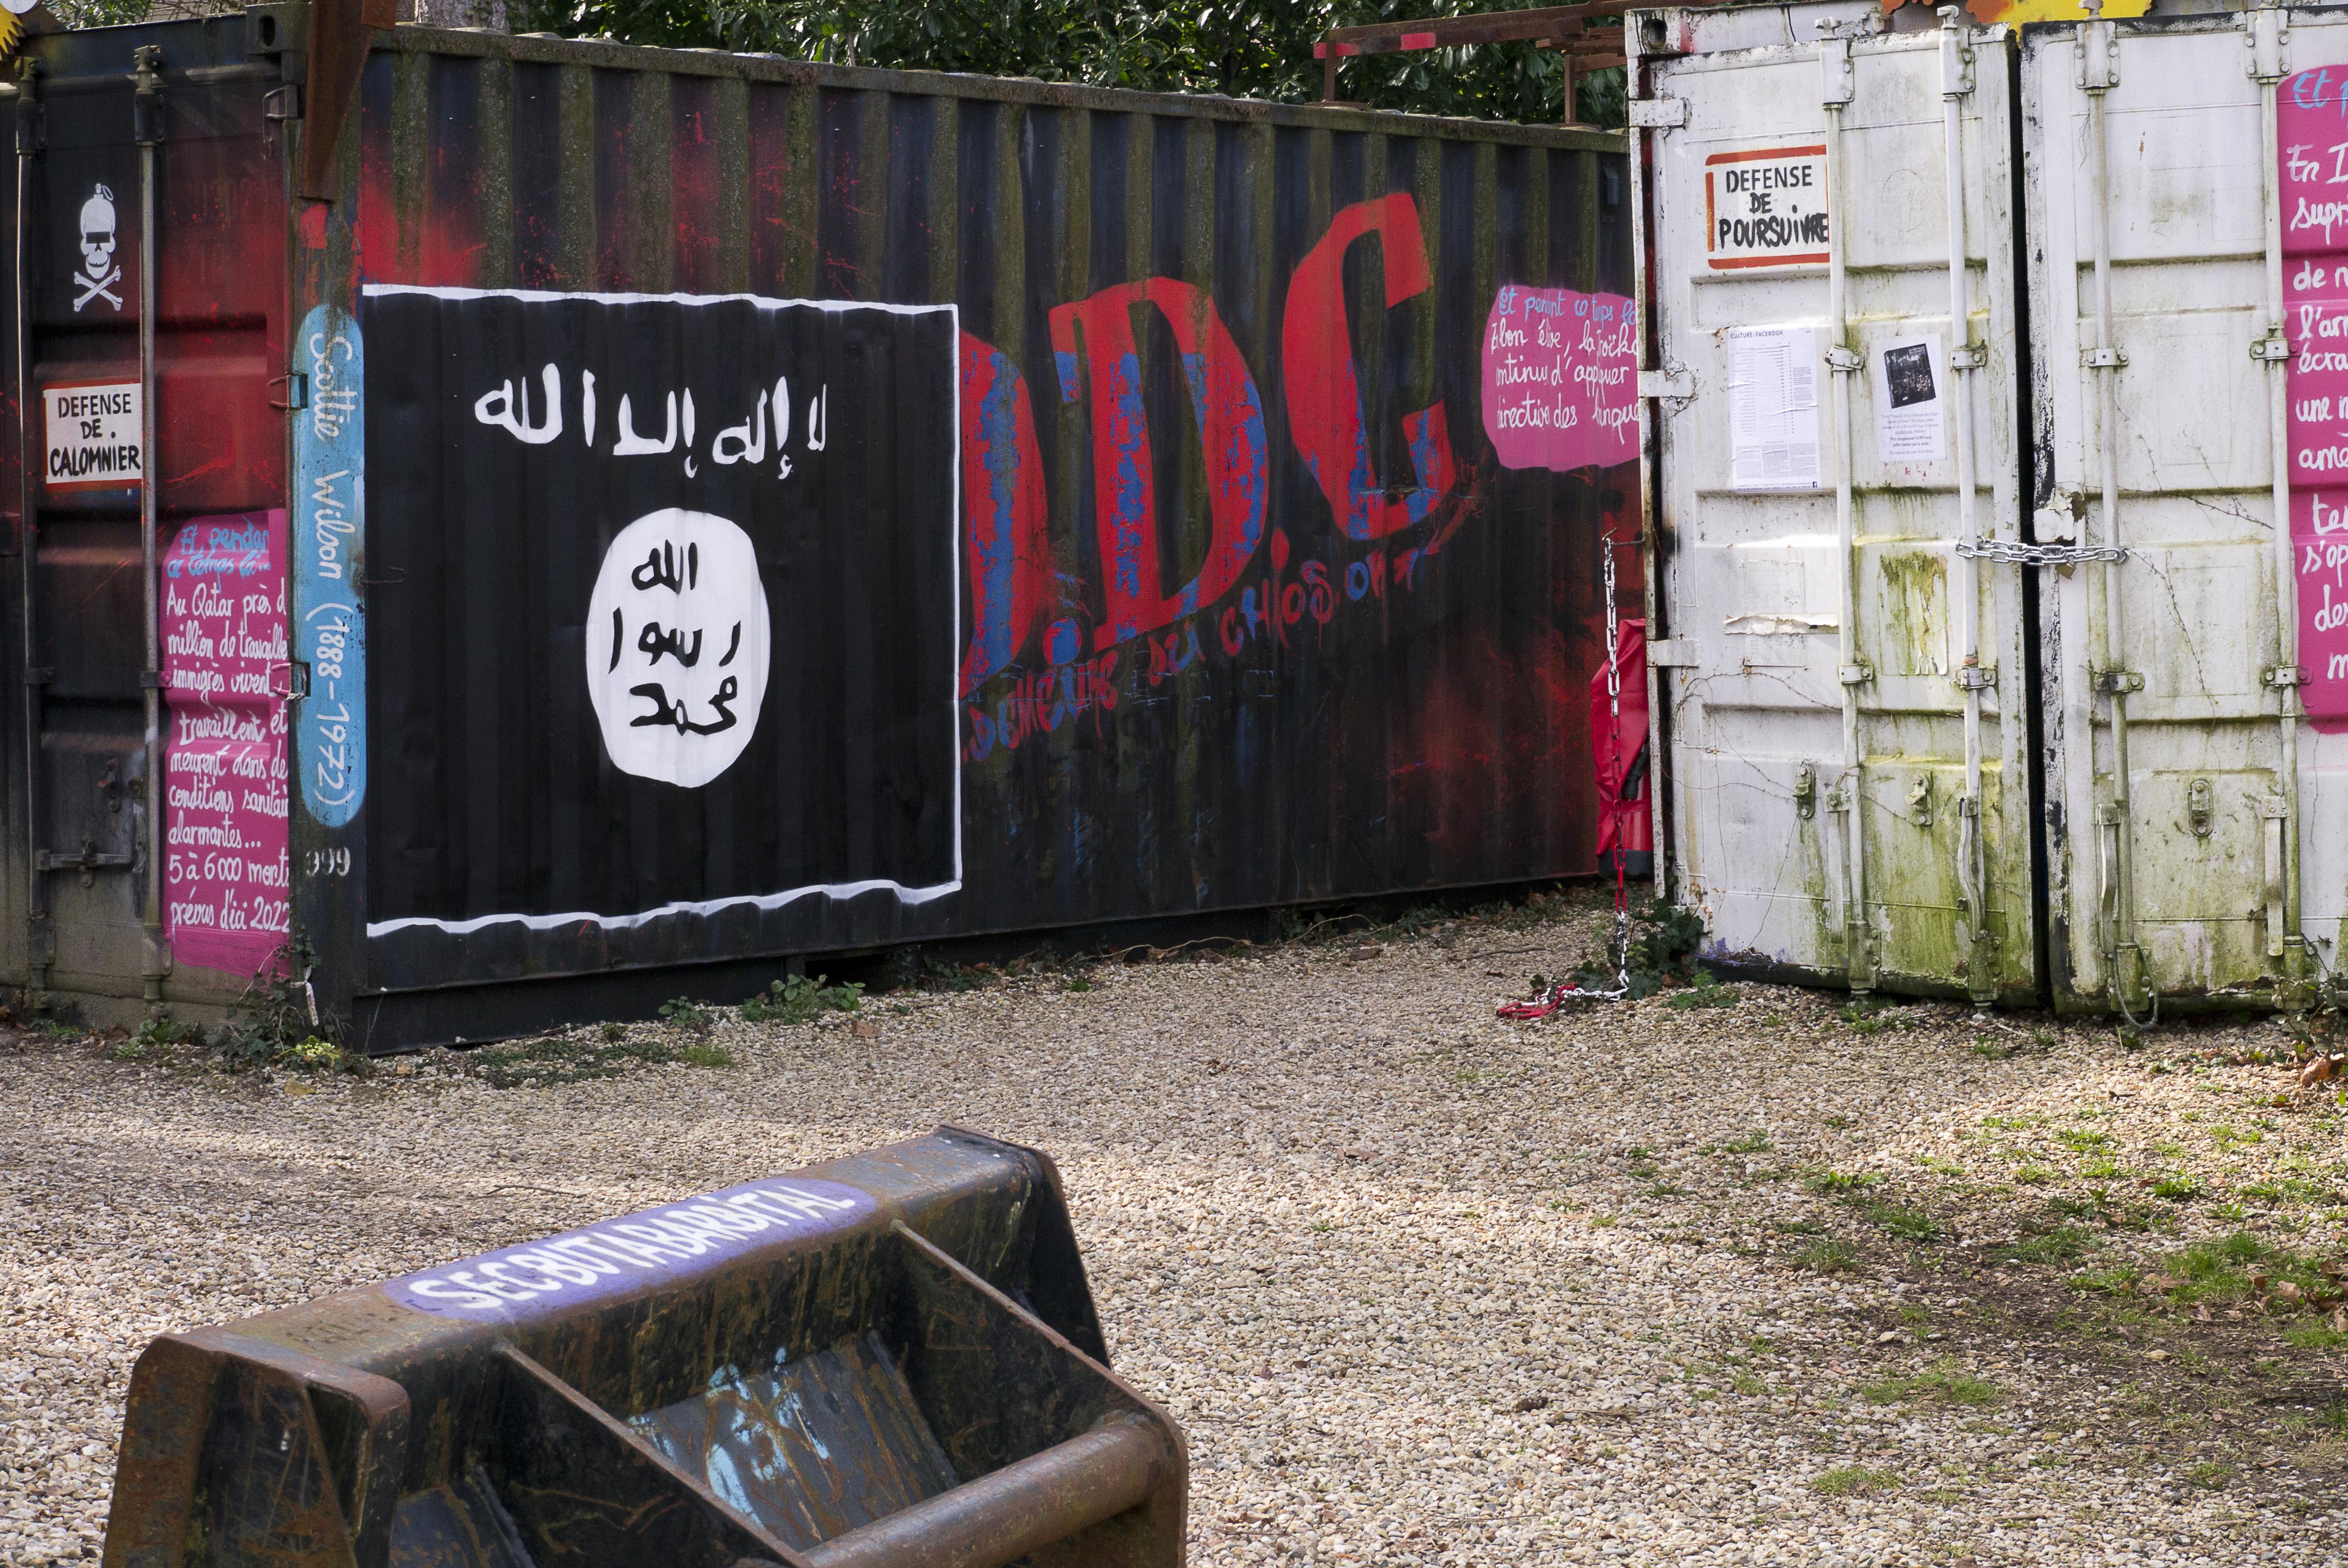 aa30f3437061 File Flag of Islamic State (St.-Romain-au-Mont-d Or).jpg - Wikimedia ...